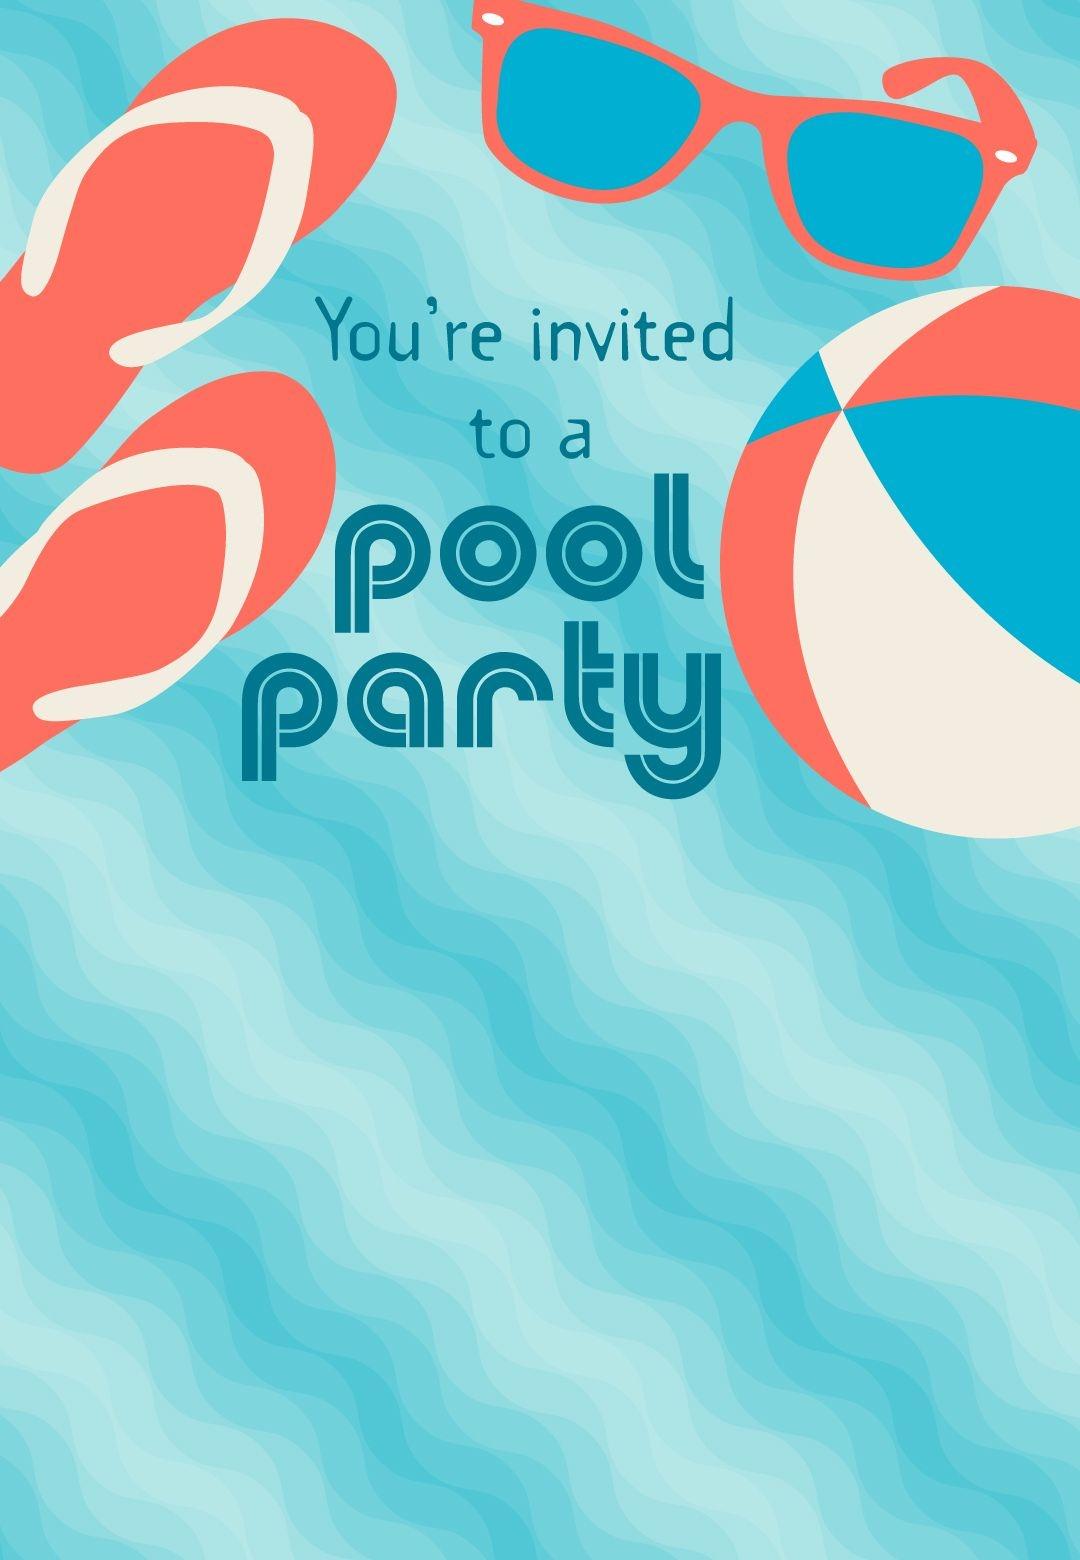 Free Printable Pool Party Stuff Invitation | Projects To Try In 2019 - Free Printable Pool Party Birthday Invitations